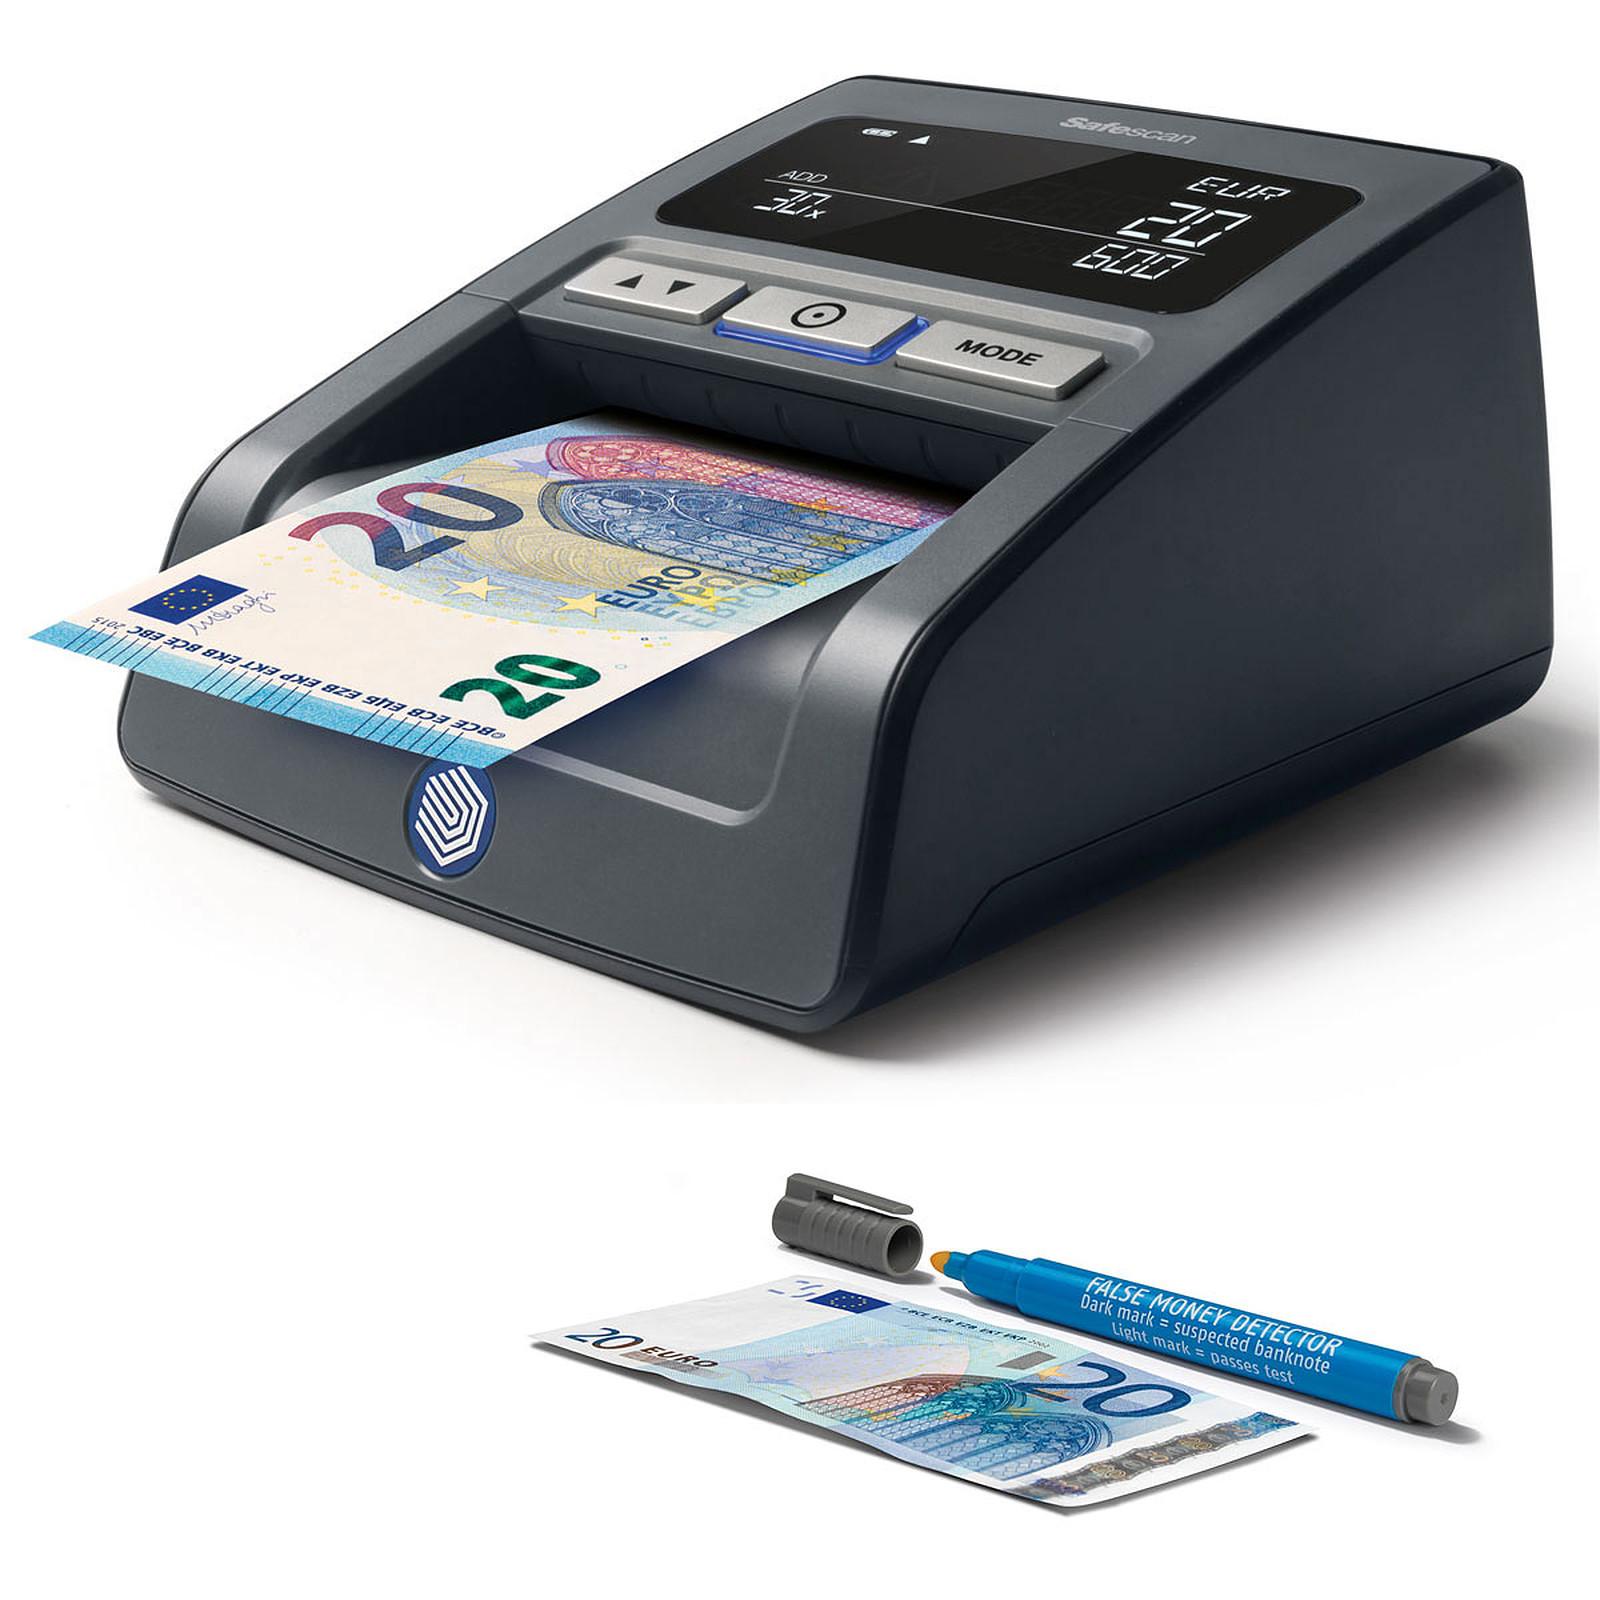 Safescan Detecteur De Faux Billets 155 S Noir Safescan 30 Offert